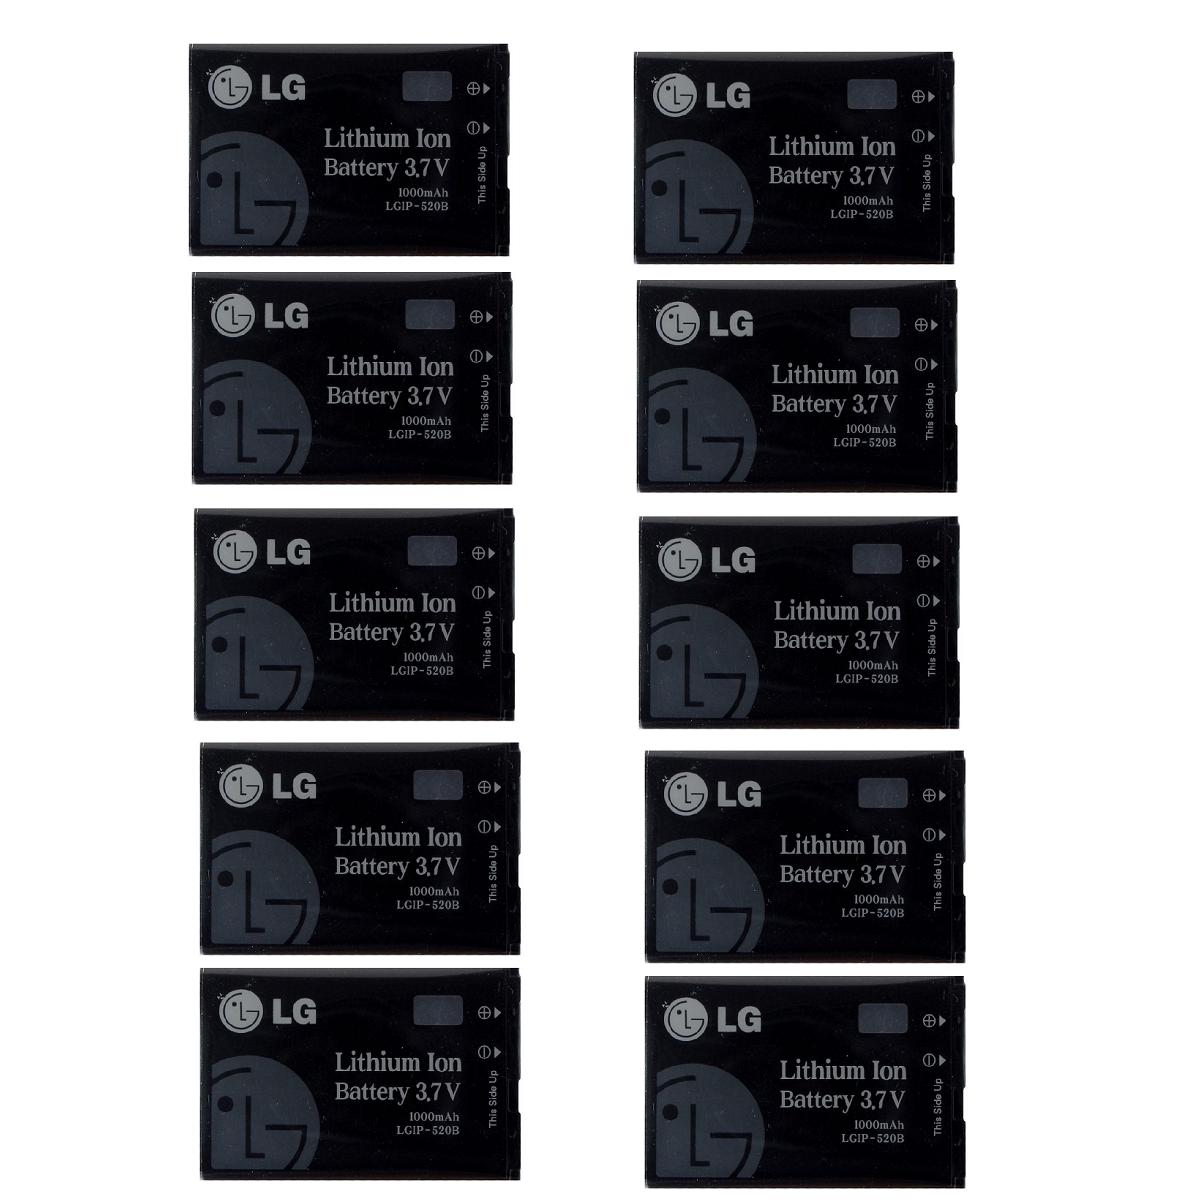 KIT 10x LG Rechargeable 1,000mAh OEM Battery (LGIP-520B) for LG 8350